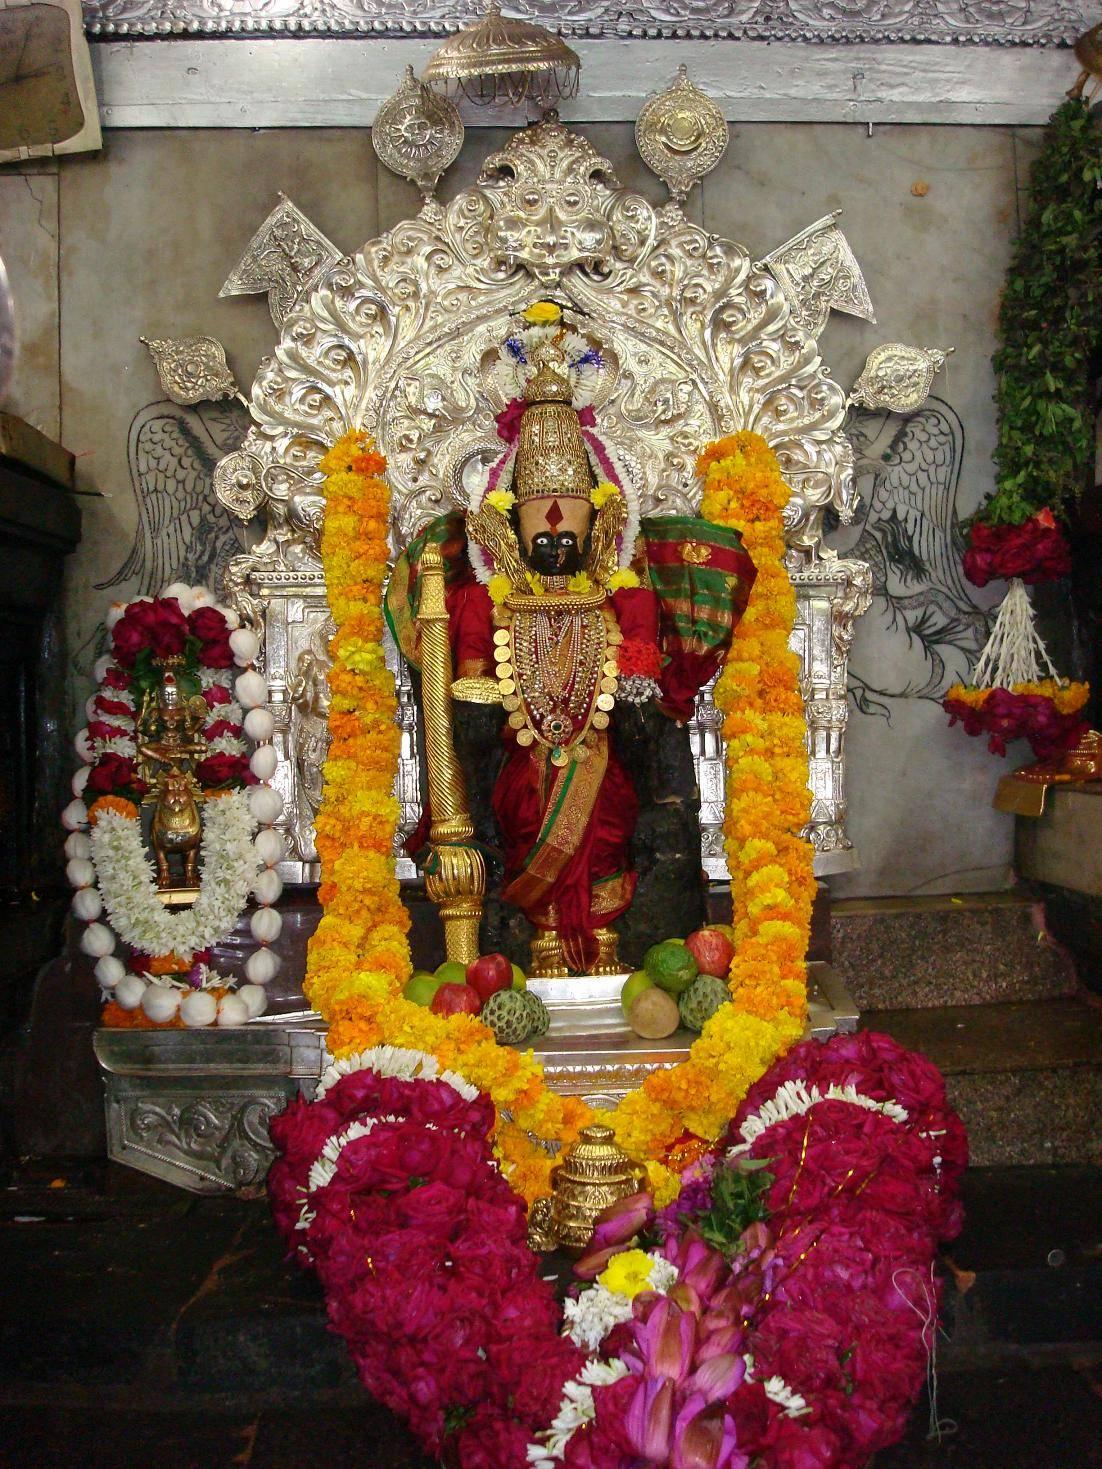 File:Mahalaxmi of Kolhapur.jpg - Wikipedia